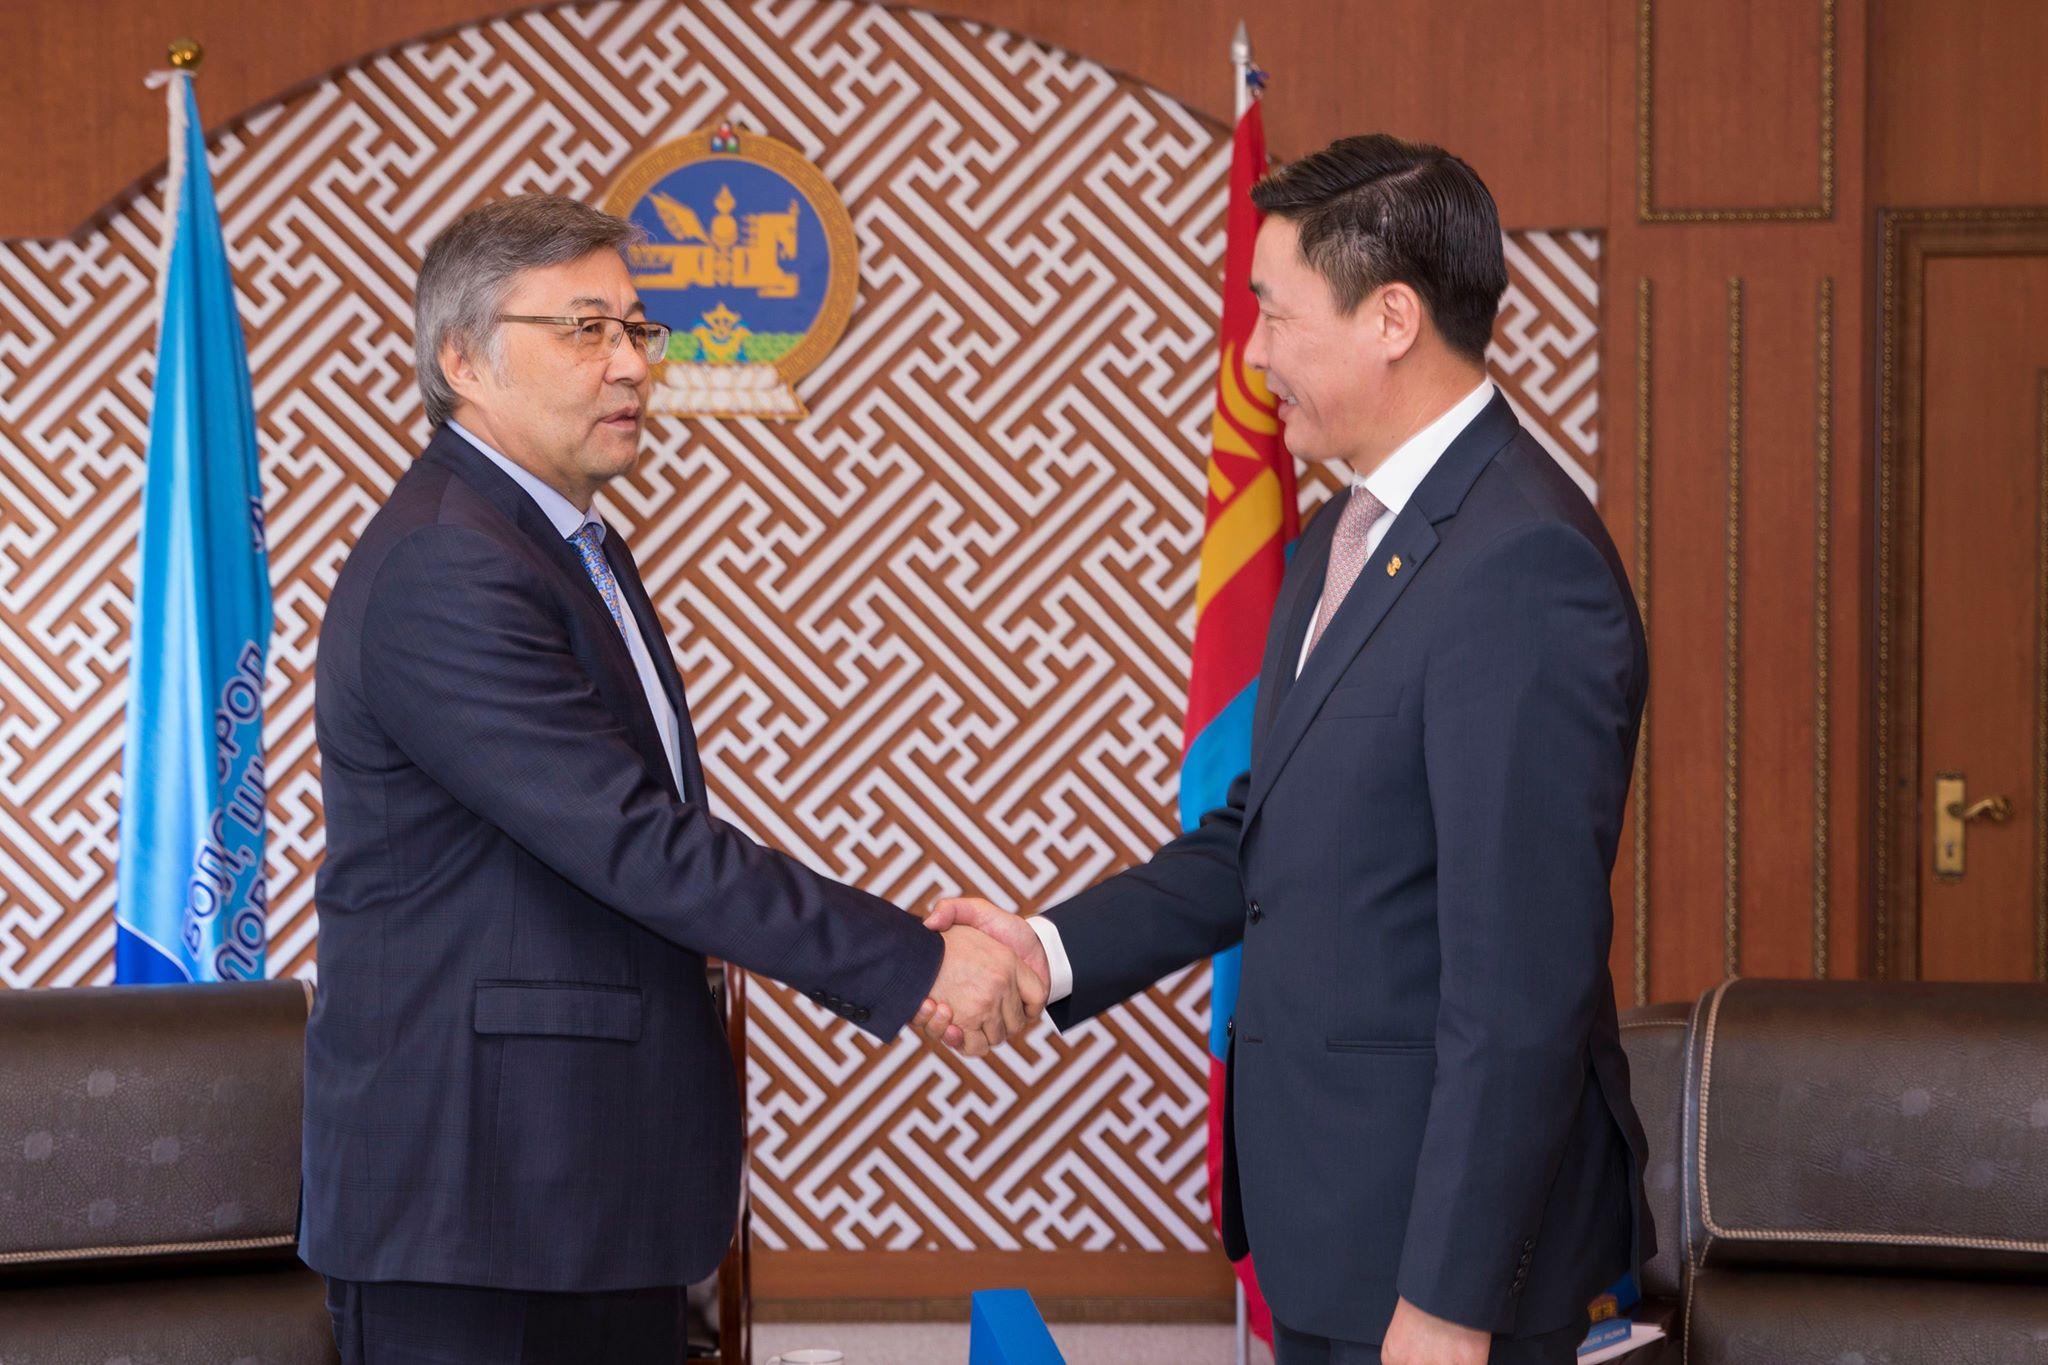 Казахстан улсад тэтгэлгээр суралцах оюутны тоог нэмэгдүүлнэ